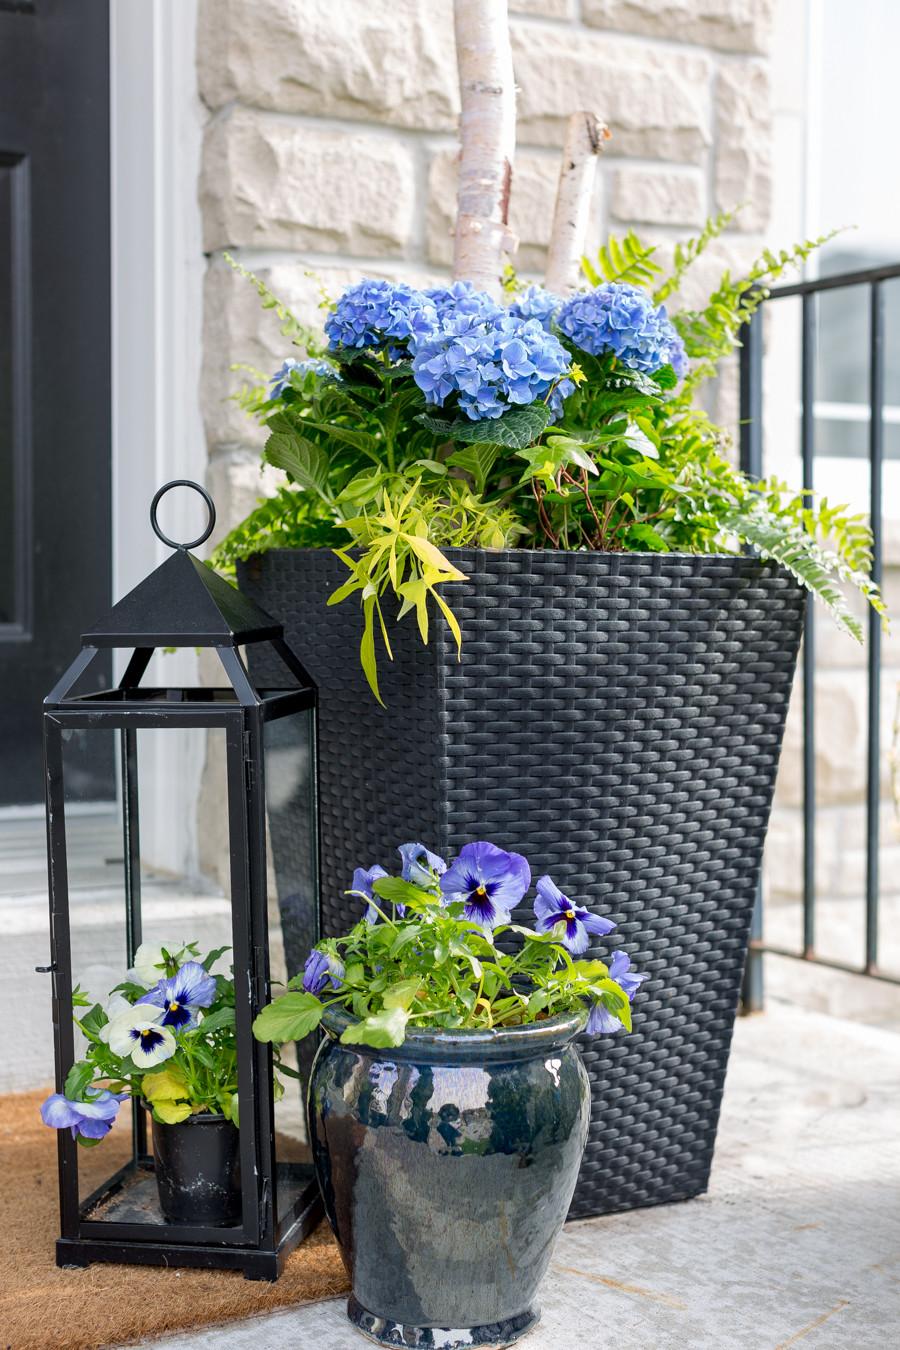 Best ideas about Front Porch Planter Ideas . Save or Pin Porch Planter Ideas and Inspiration Maison de Pax Now.